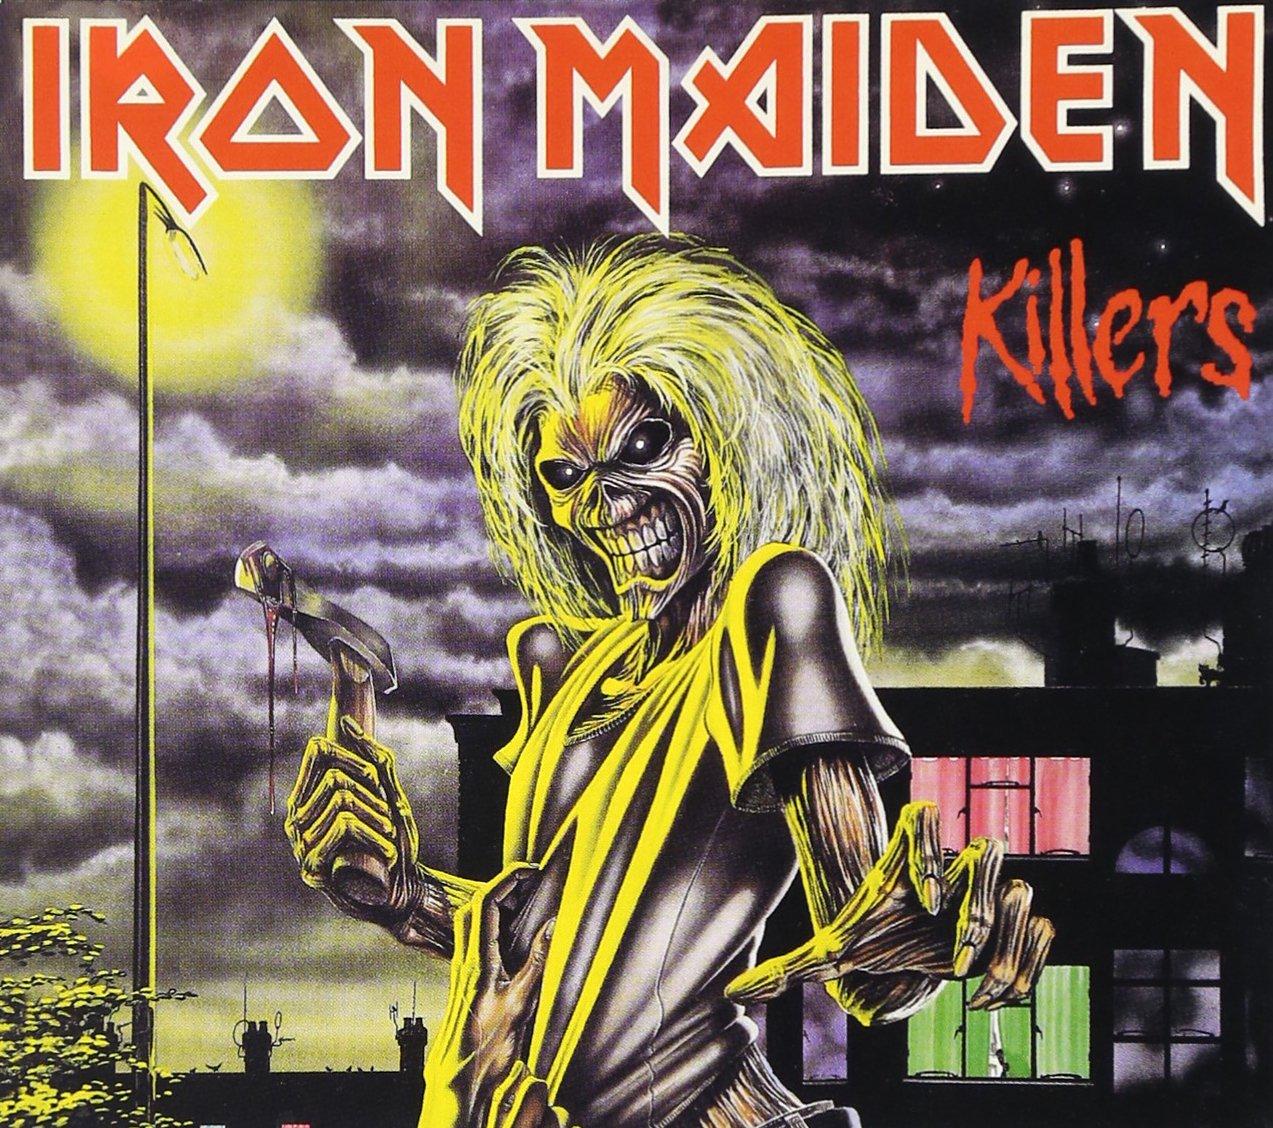 Скачать iron maiden mp3